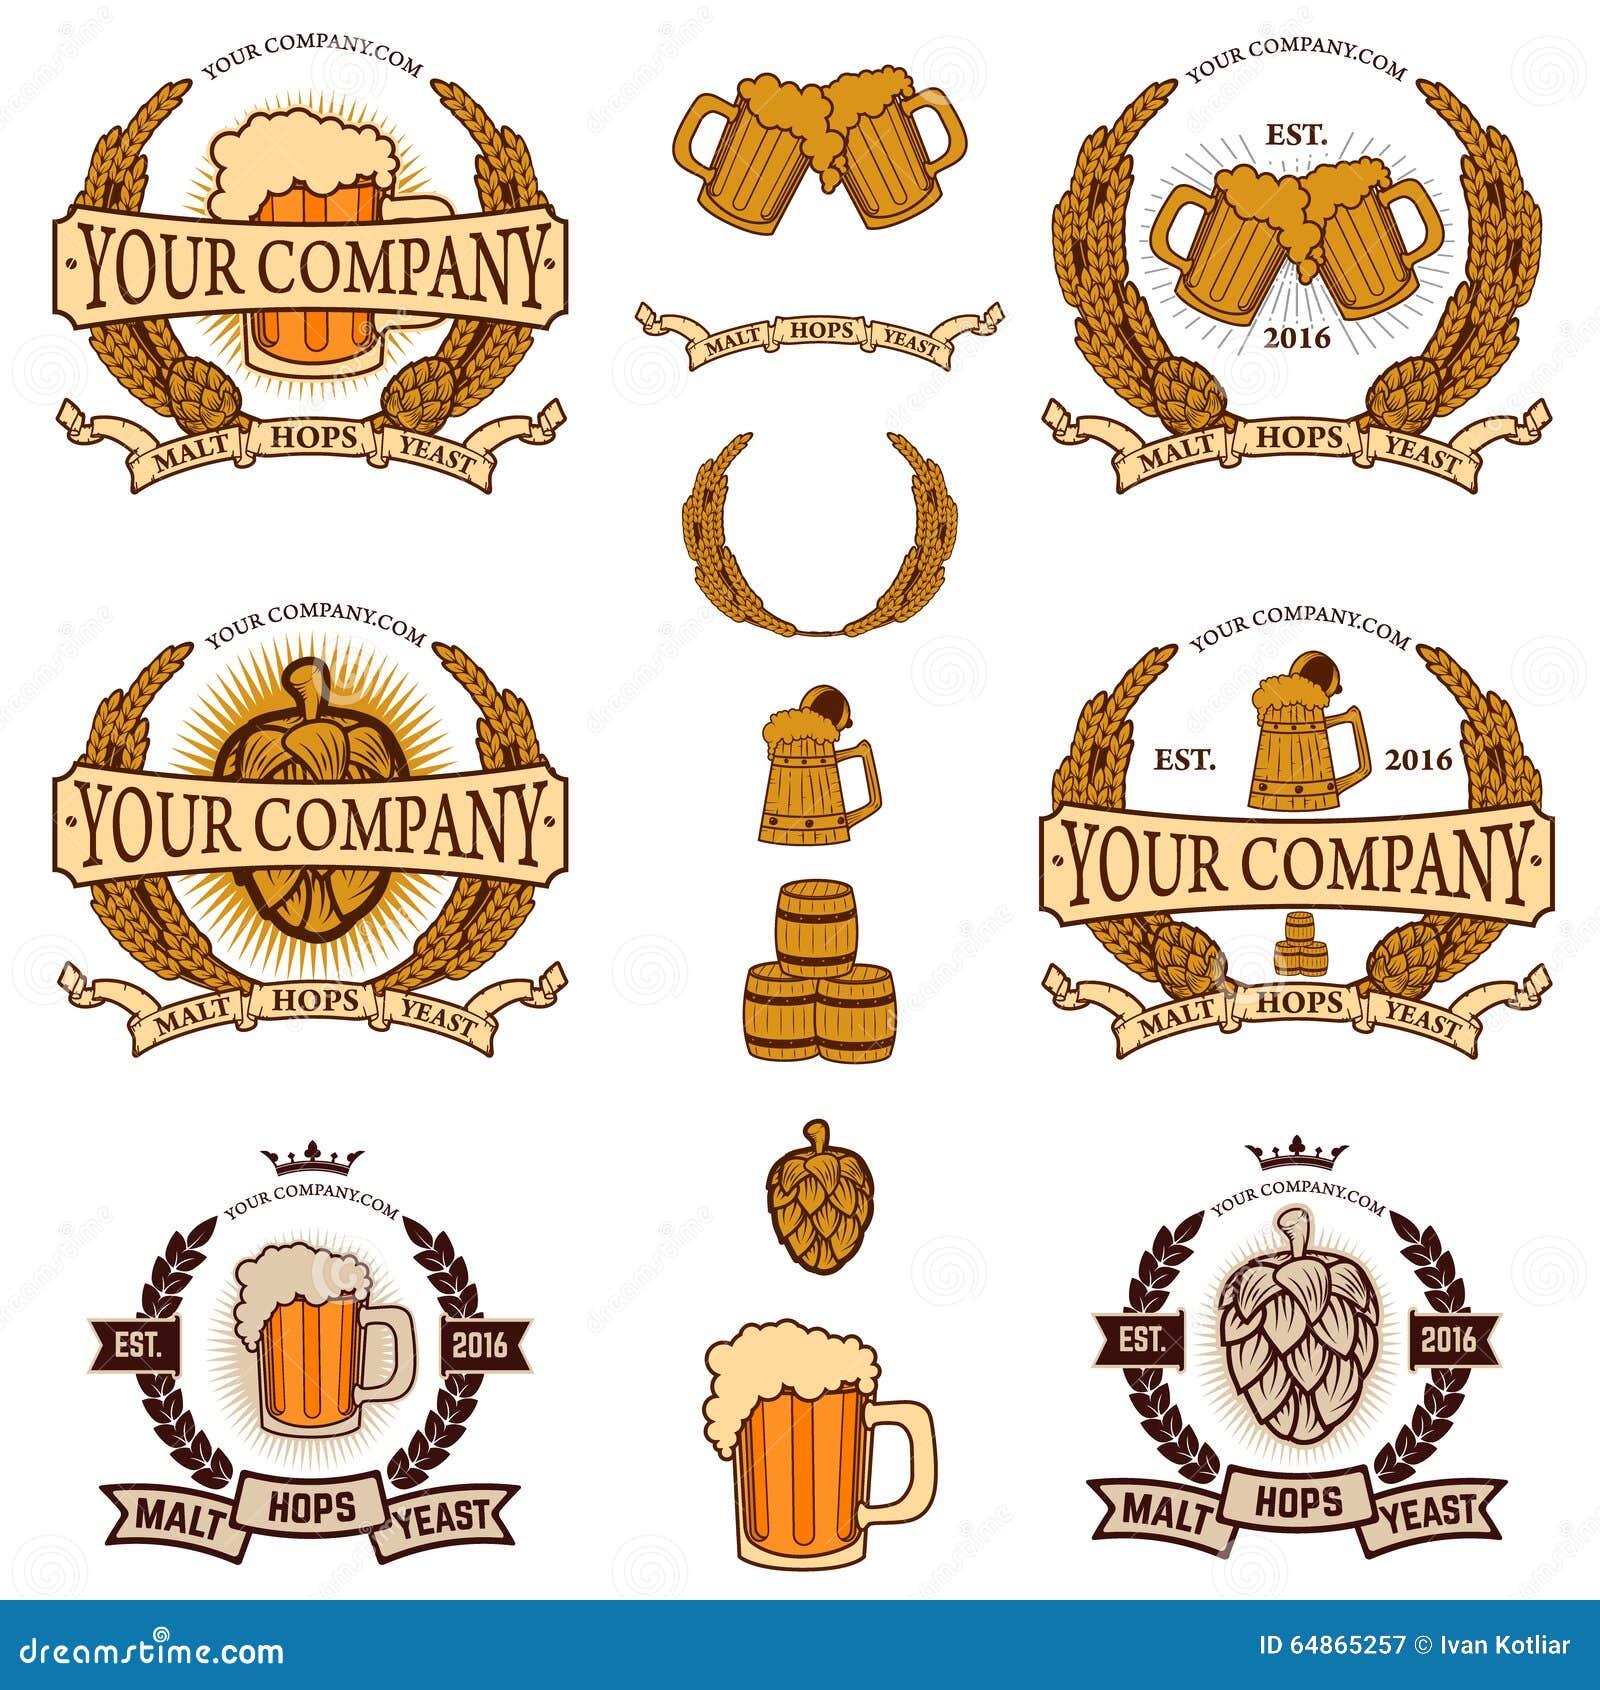 Craft Brewery Logo Design